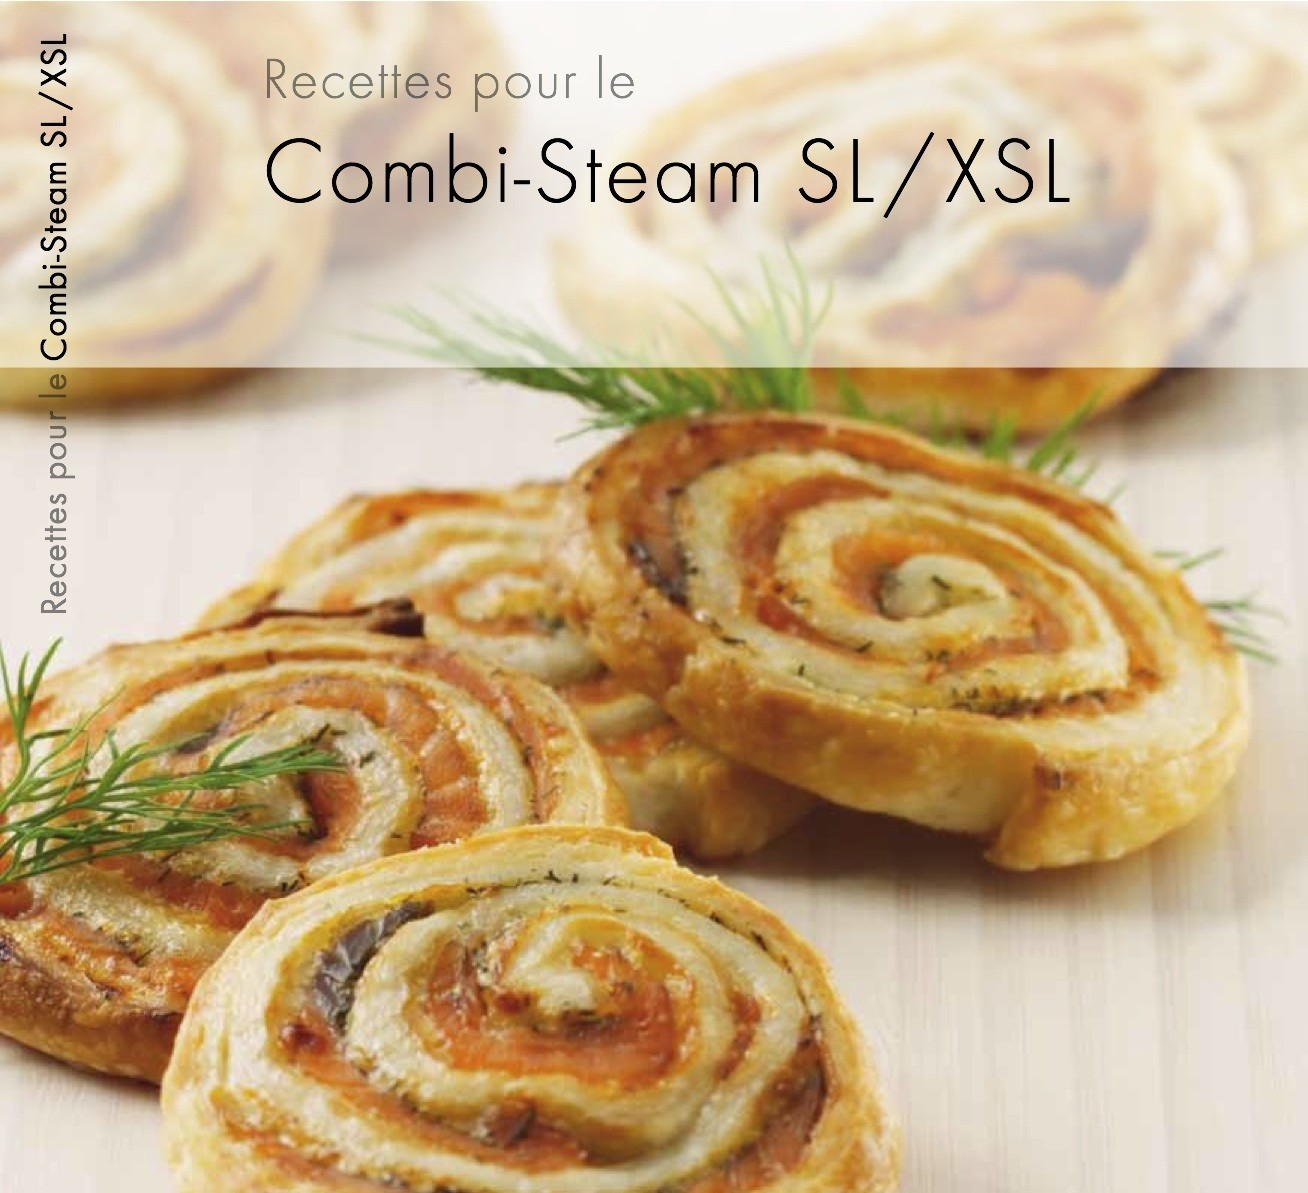 Livre de recette t l charger gratuitement en fran ais pour le four vapeur zug combi steam - Recettes de cuisine gratuite ...